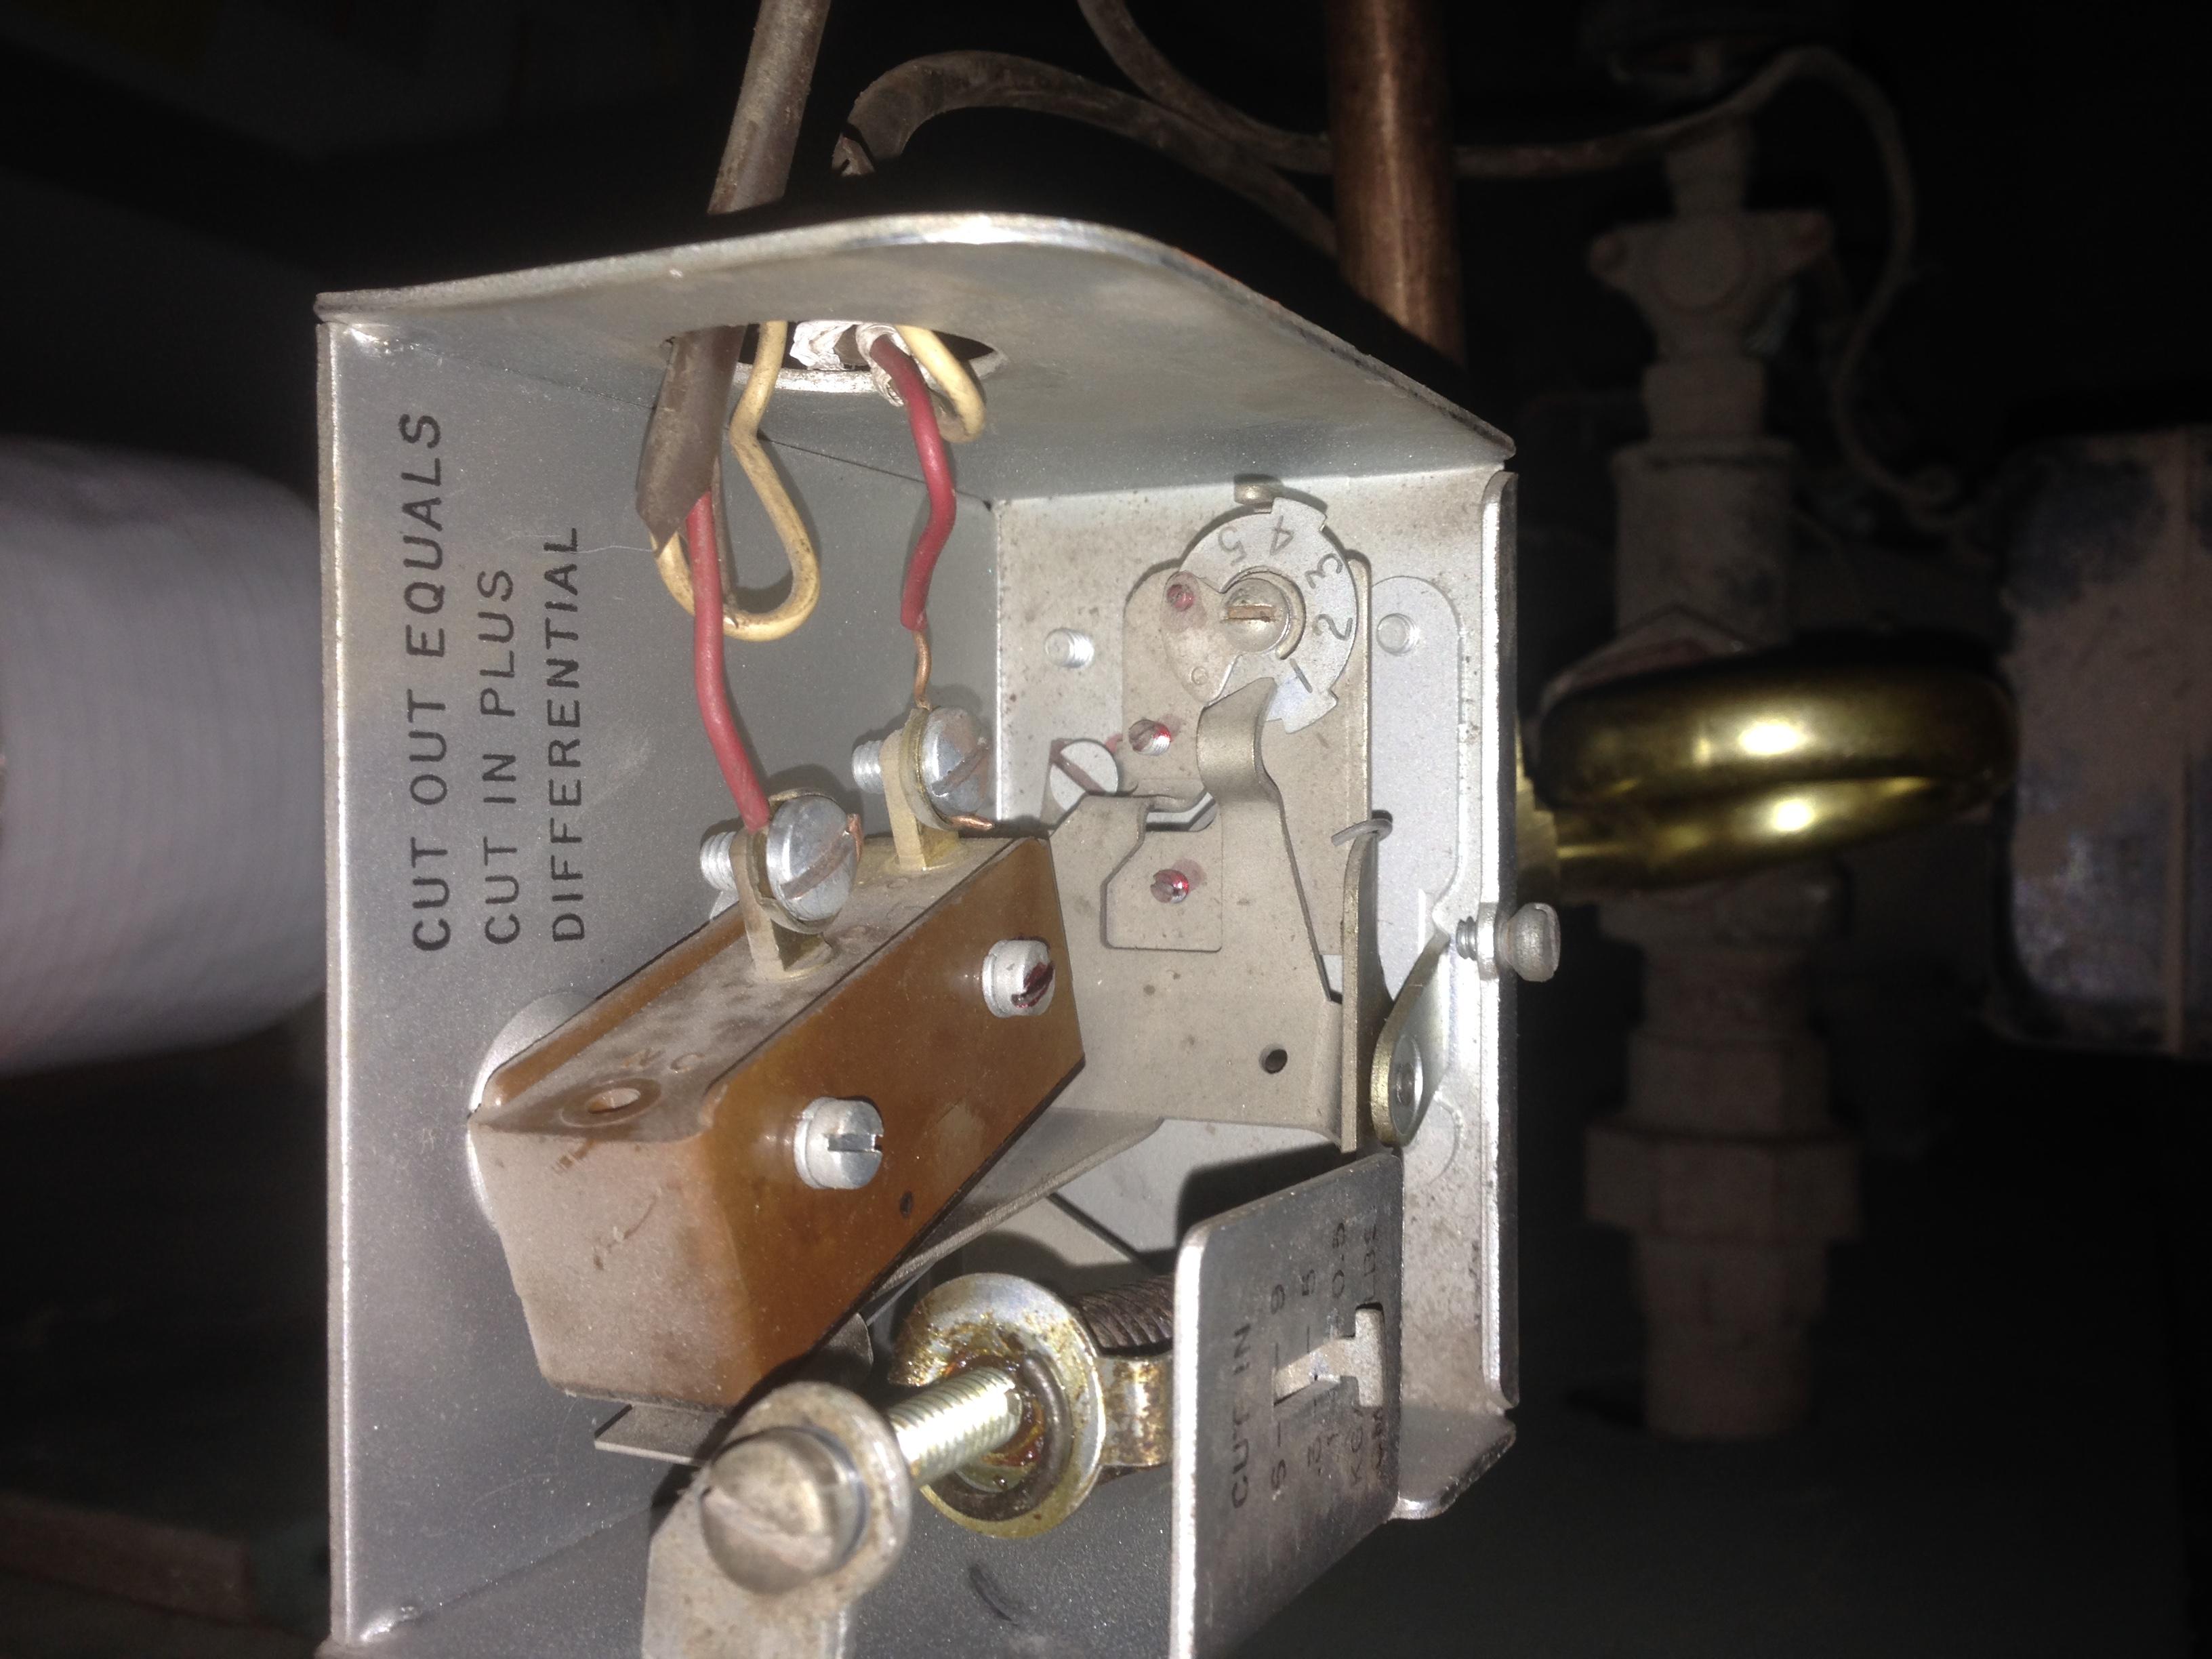 6189f2344610a655124f8b55dee559 replacing pressuretrol and pressure gauge heating help the wall honeywell pressuretrol wiring diagram at eliteediting.co